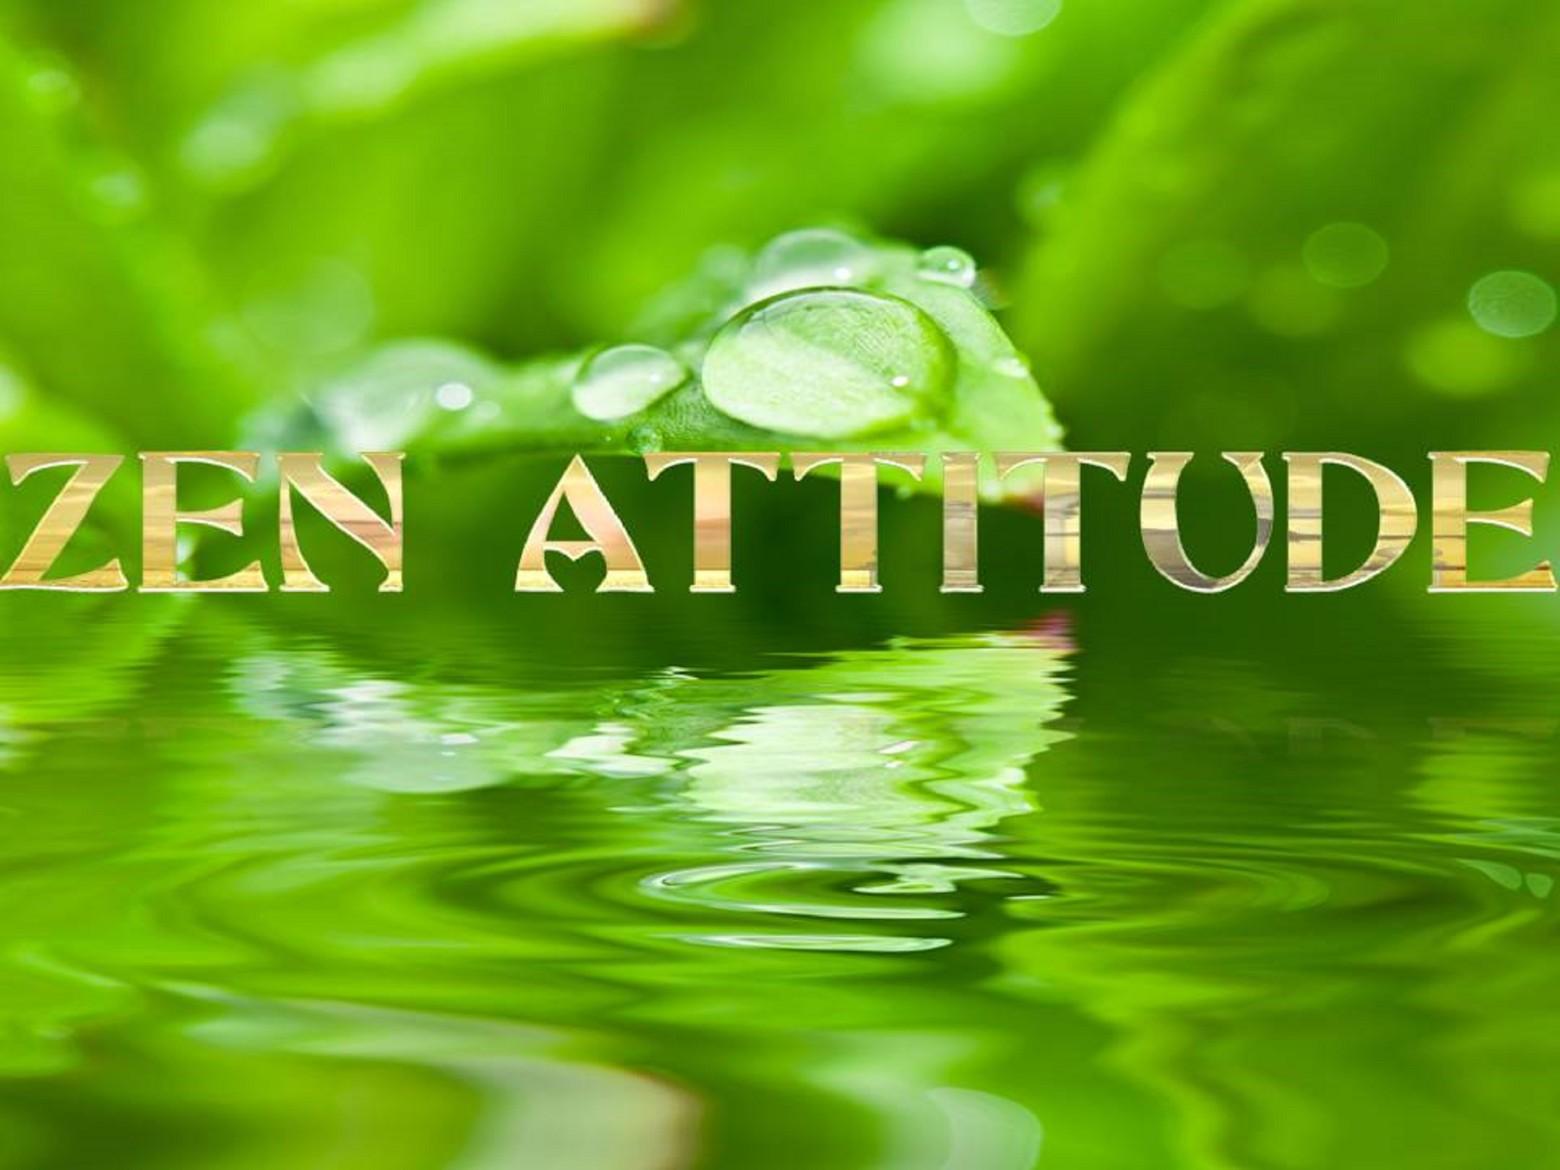 Zen Attitude Backround Fond Arrière Plan Images Gratuites Et